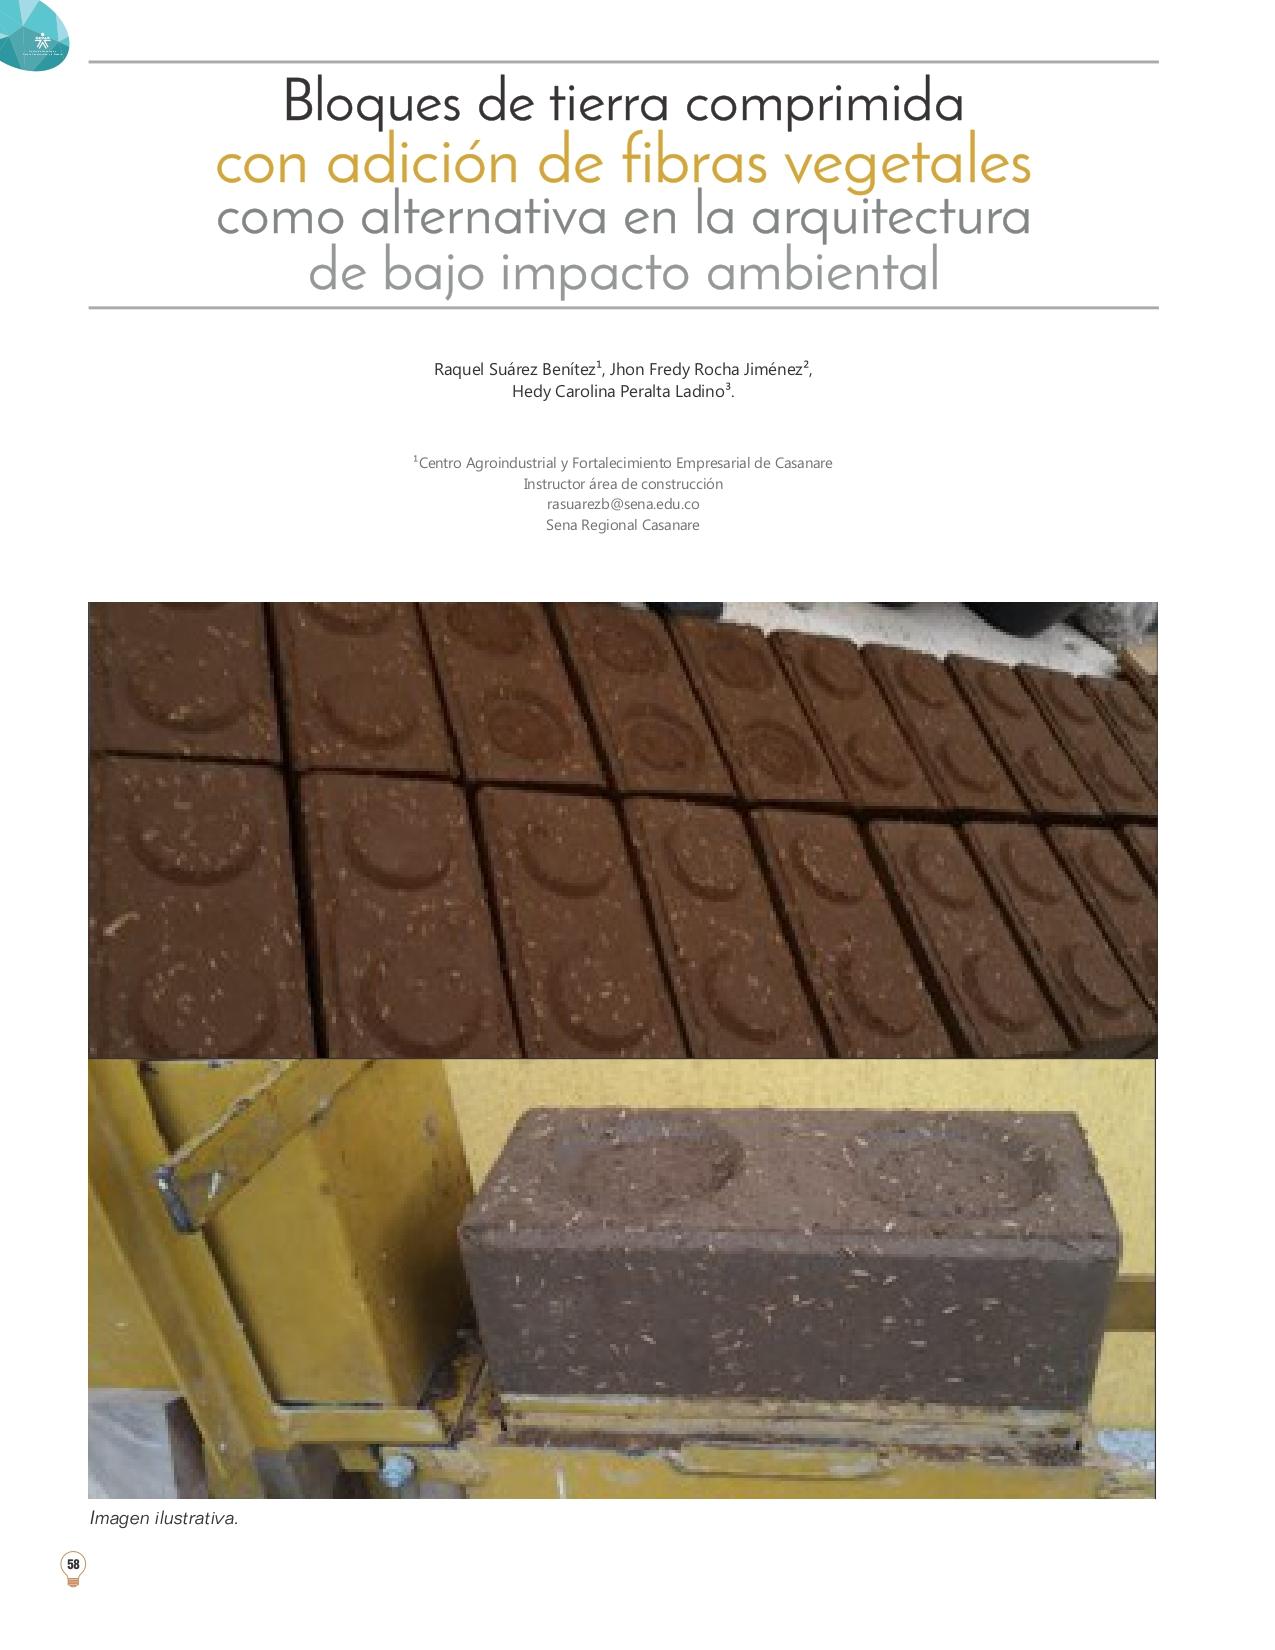 Bloques de tierra comprimida con adición de fibras